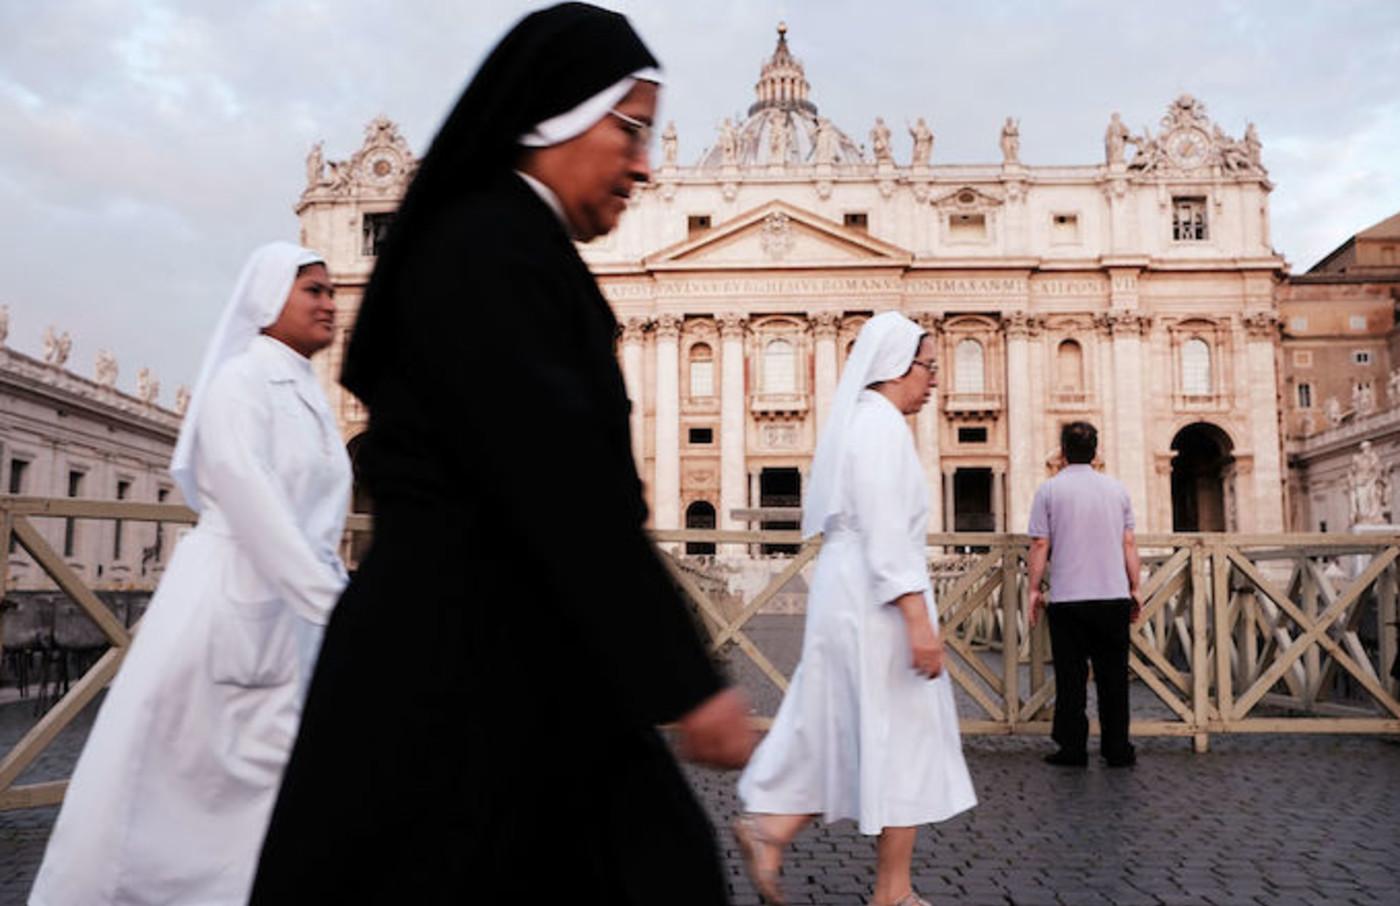 Nun doing nun stuff